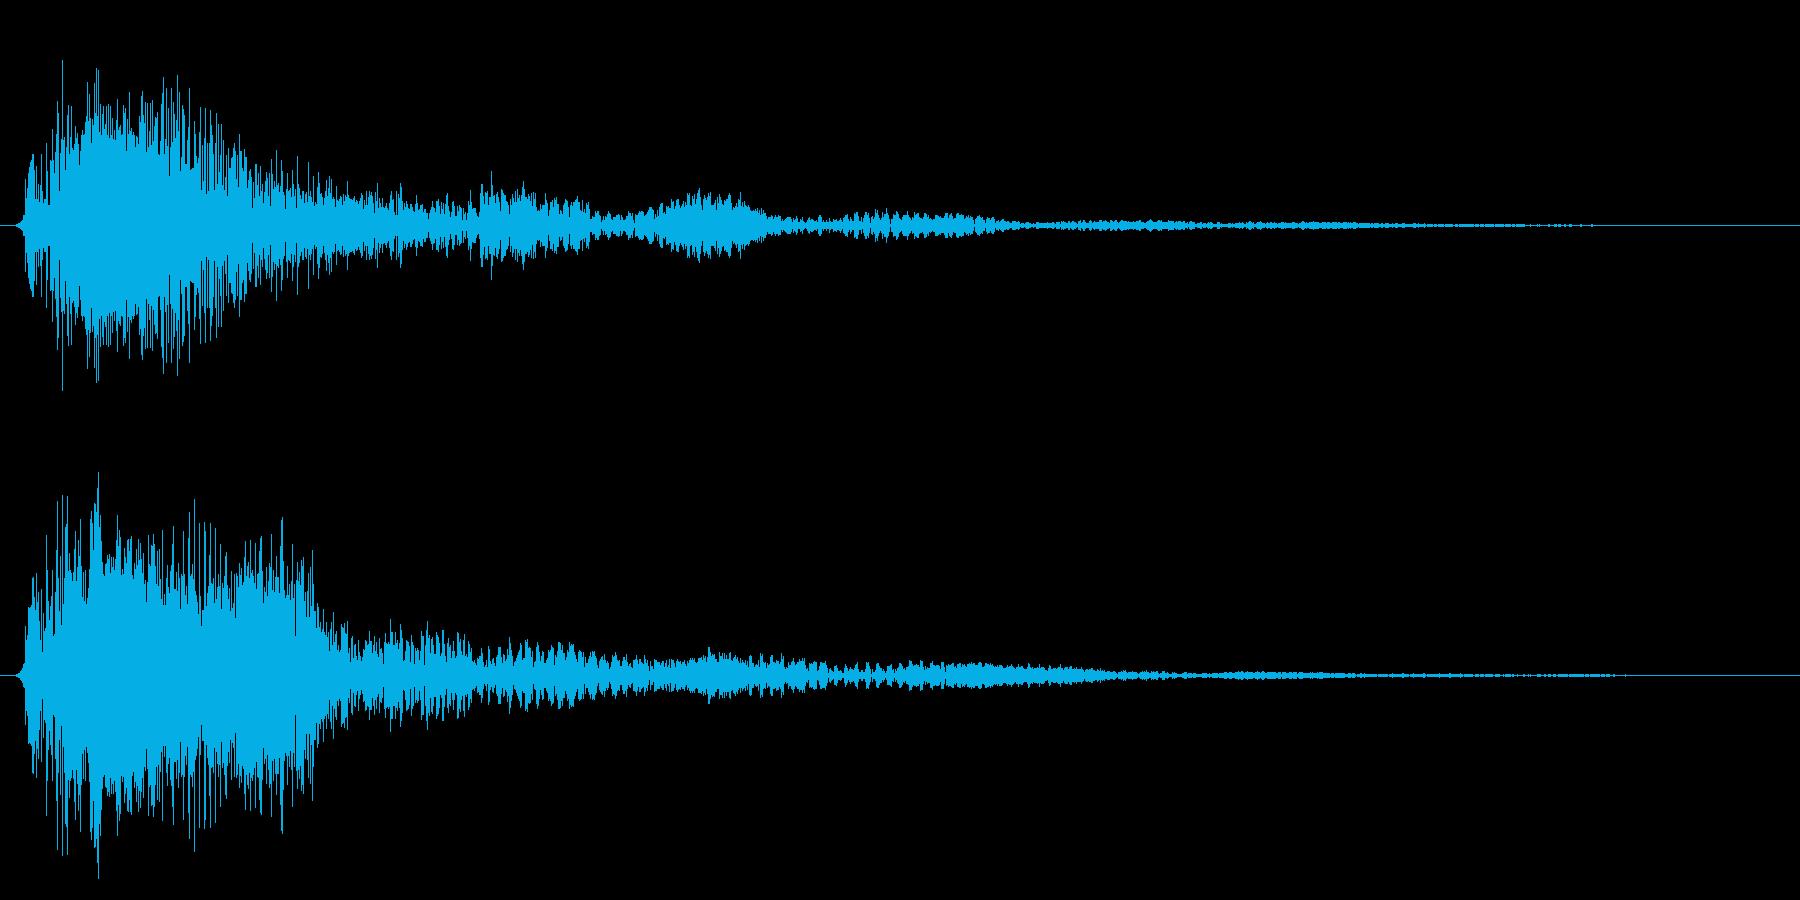 ブーン/ワープ/SF風の再生済みの波形